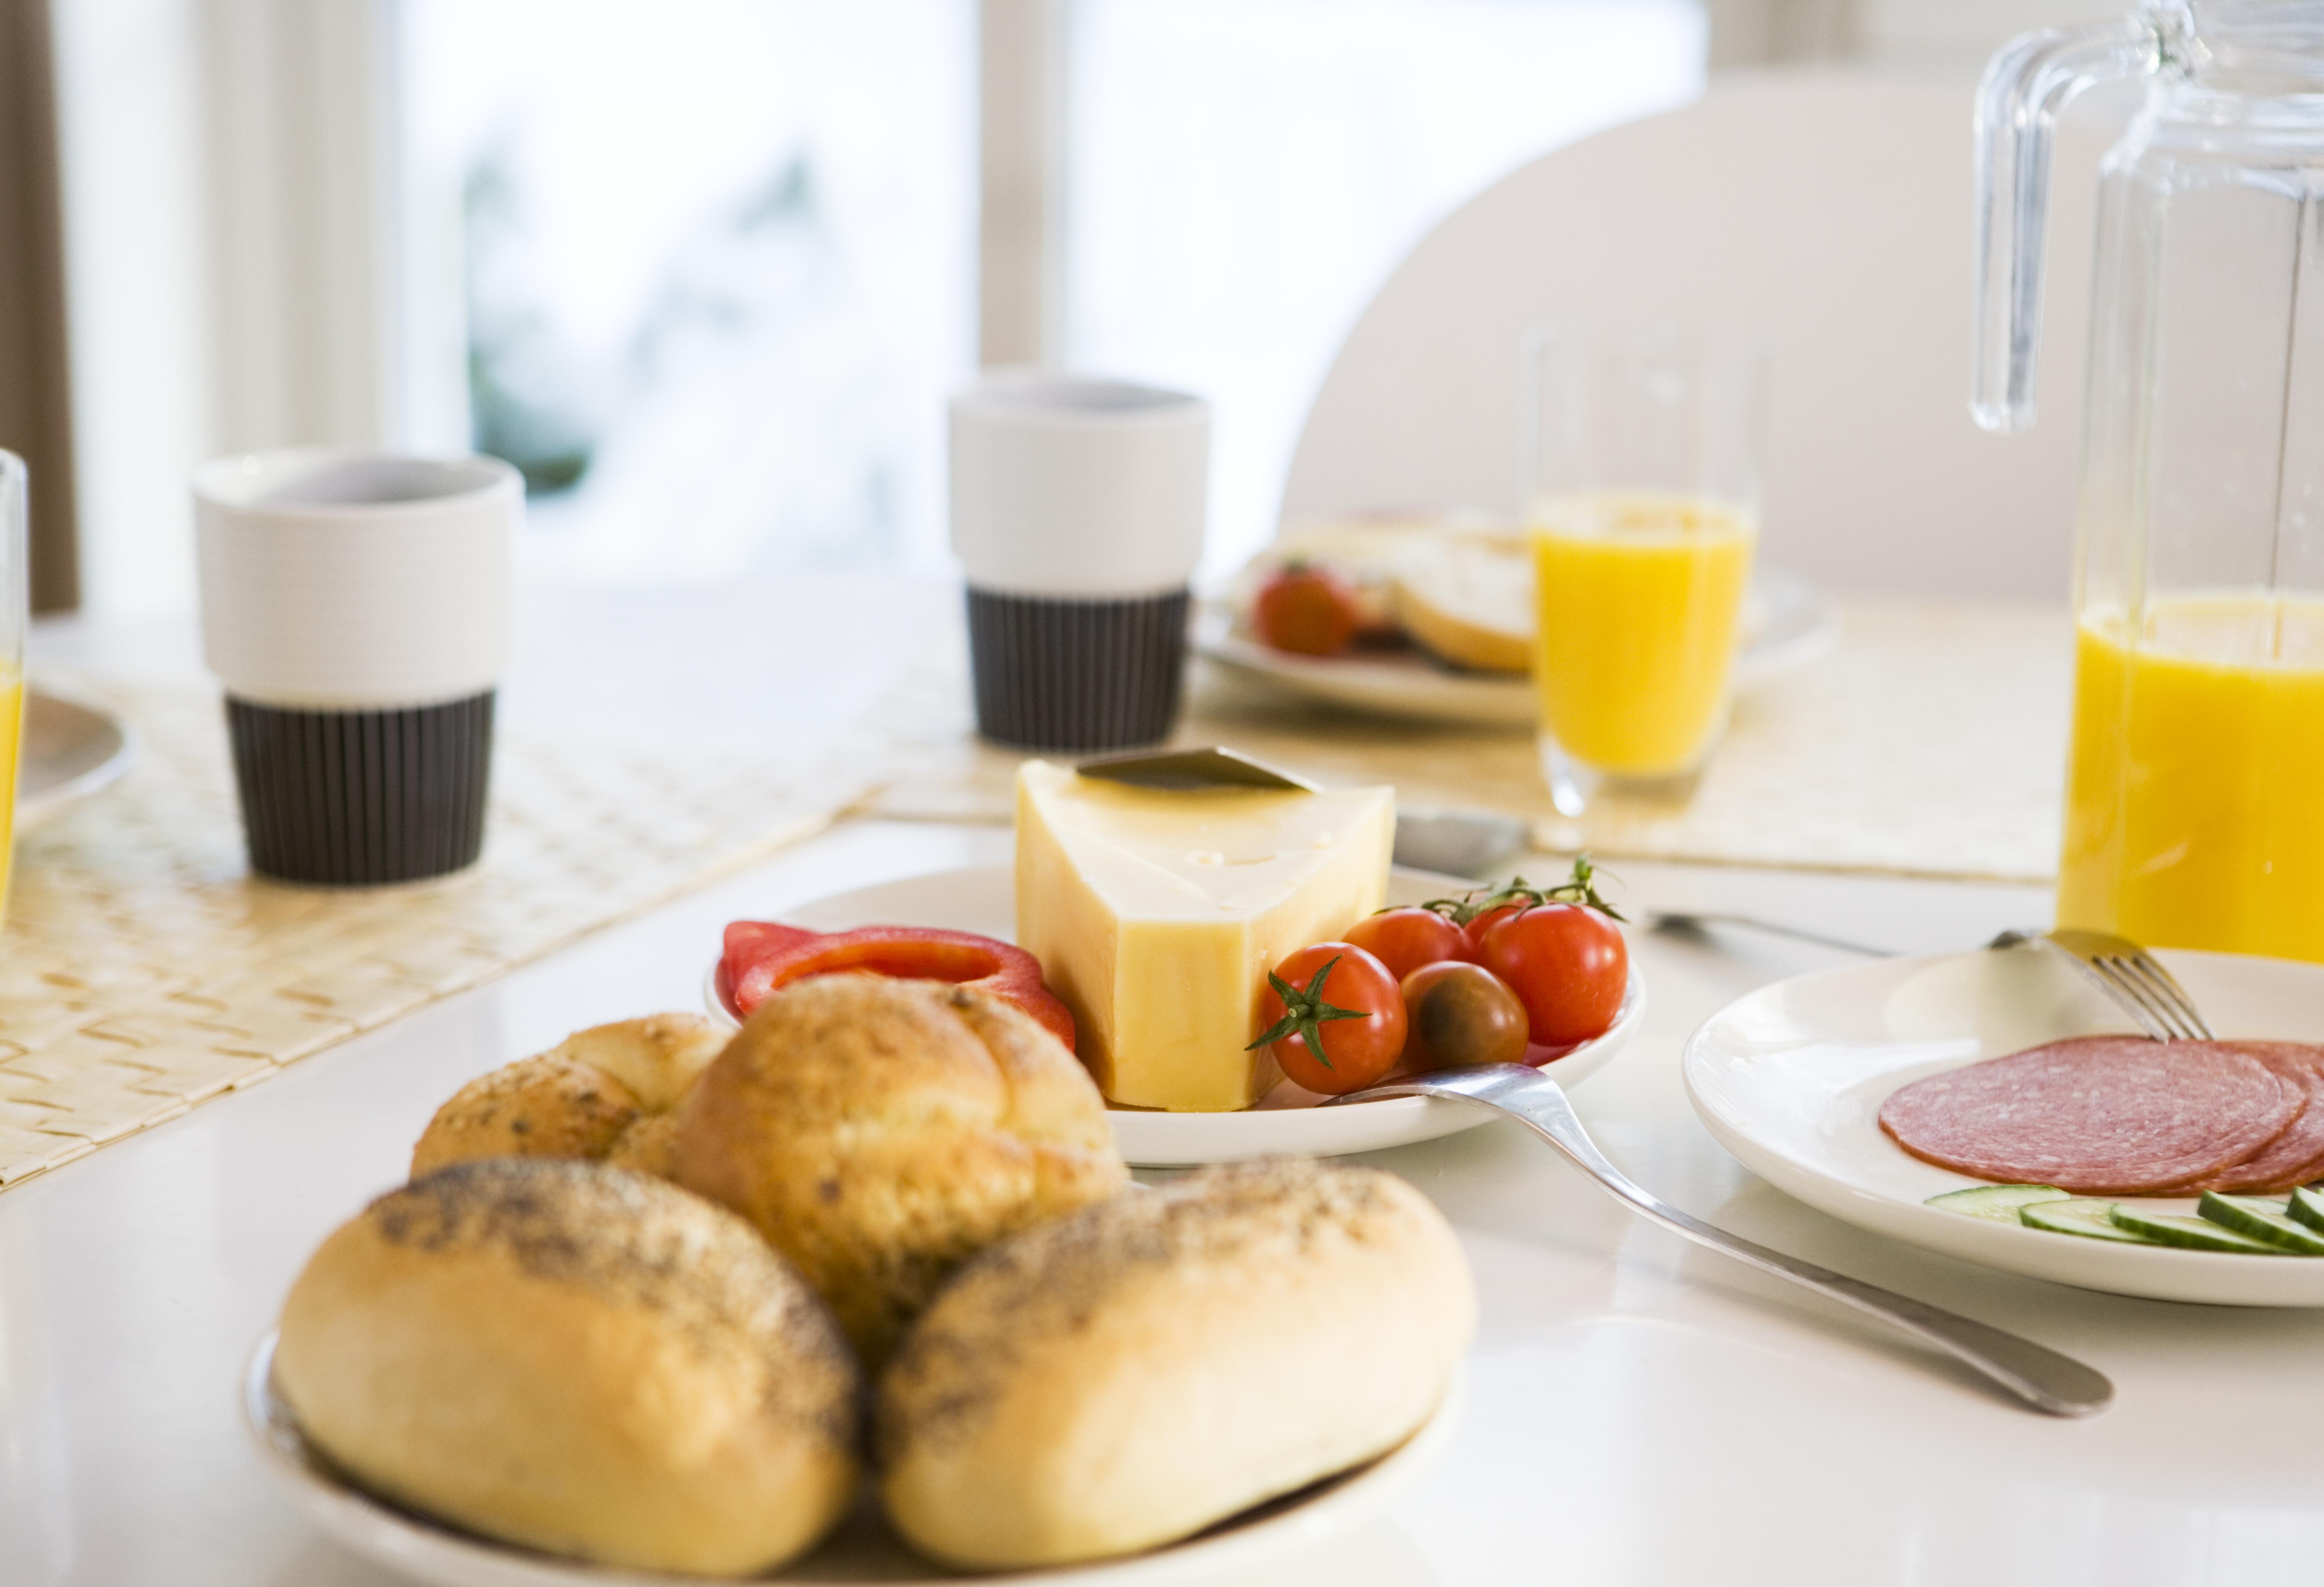 frokostbord, kaffe, jus og rundtstykker